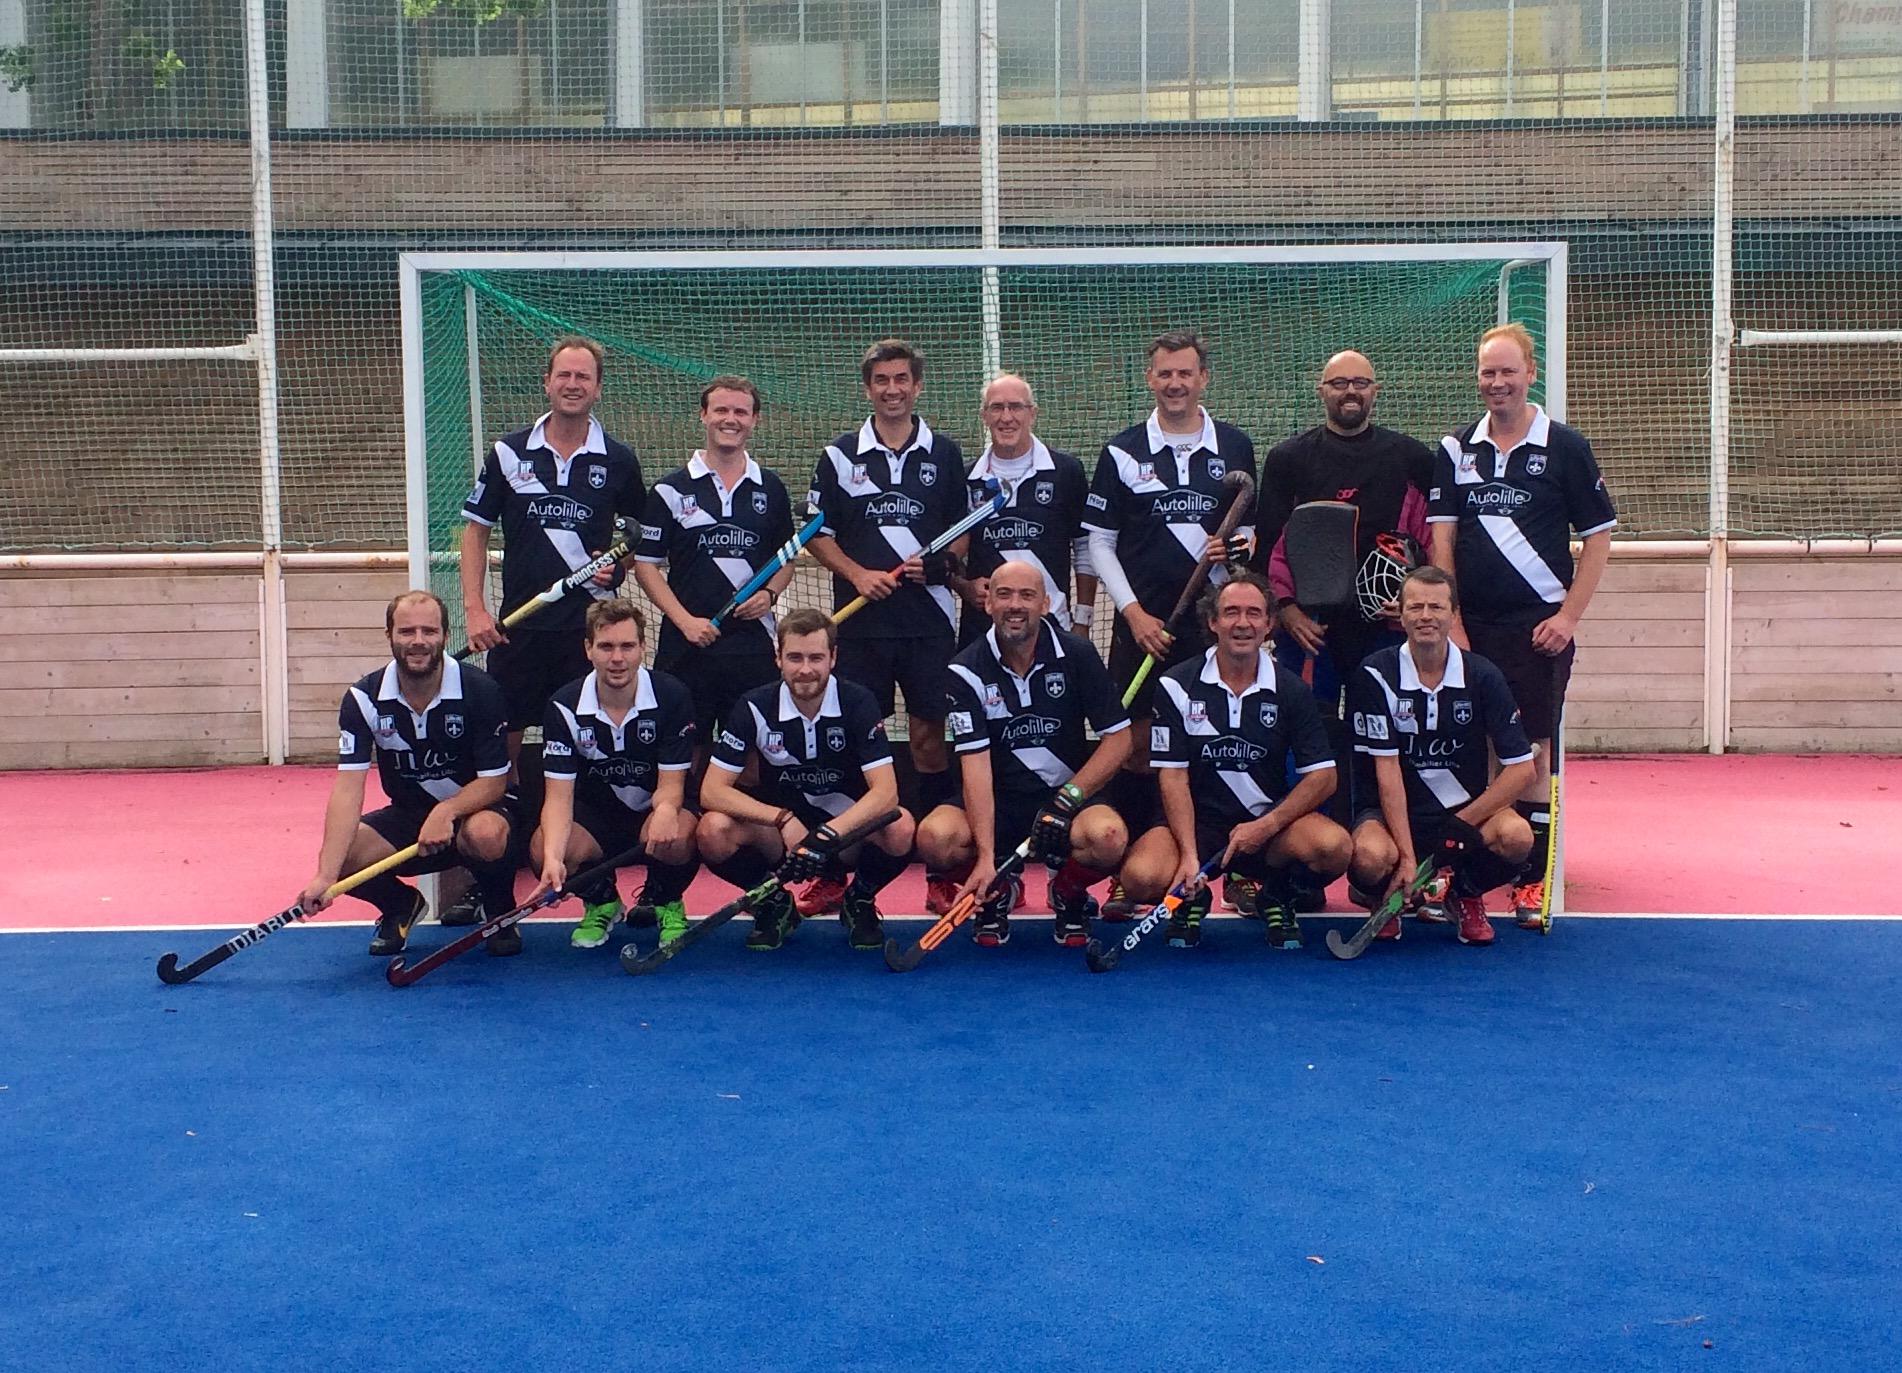 2016-2017-teamlilhoc-equipe-5-hommes